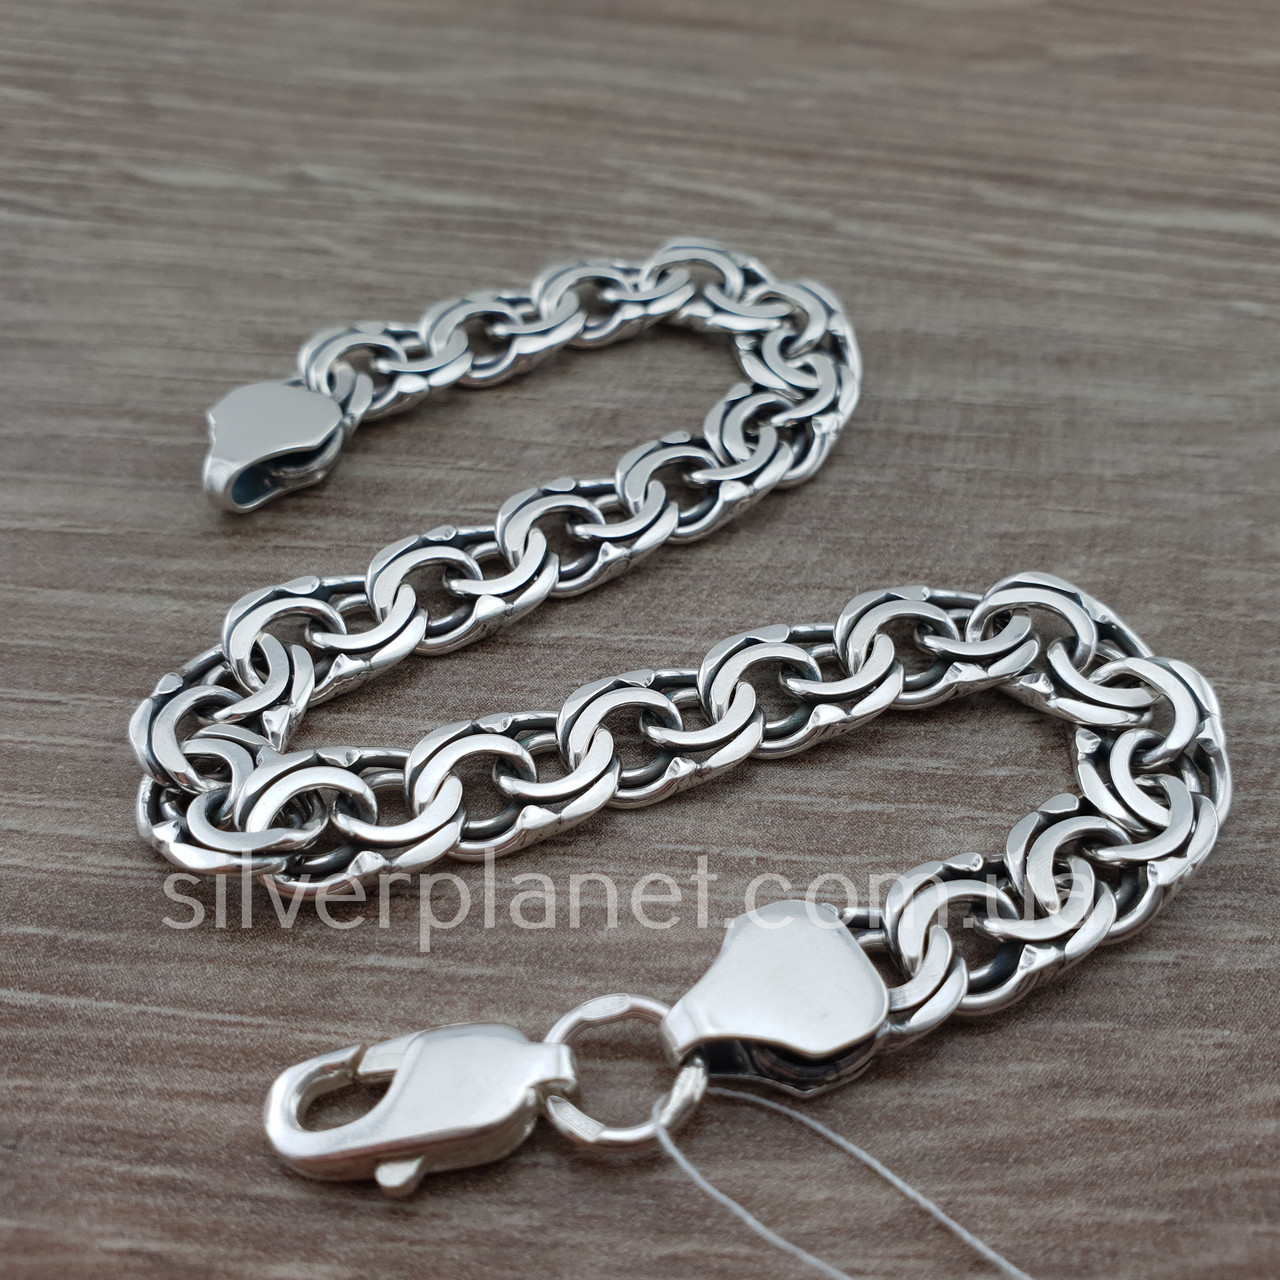 Чоловічий срібний браслет плоский бісмарк. ширина ланки 8 мм